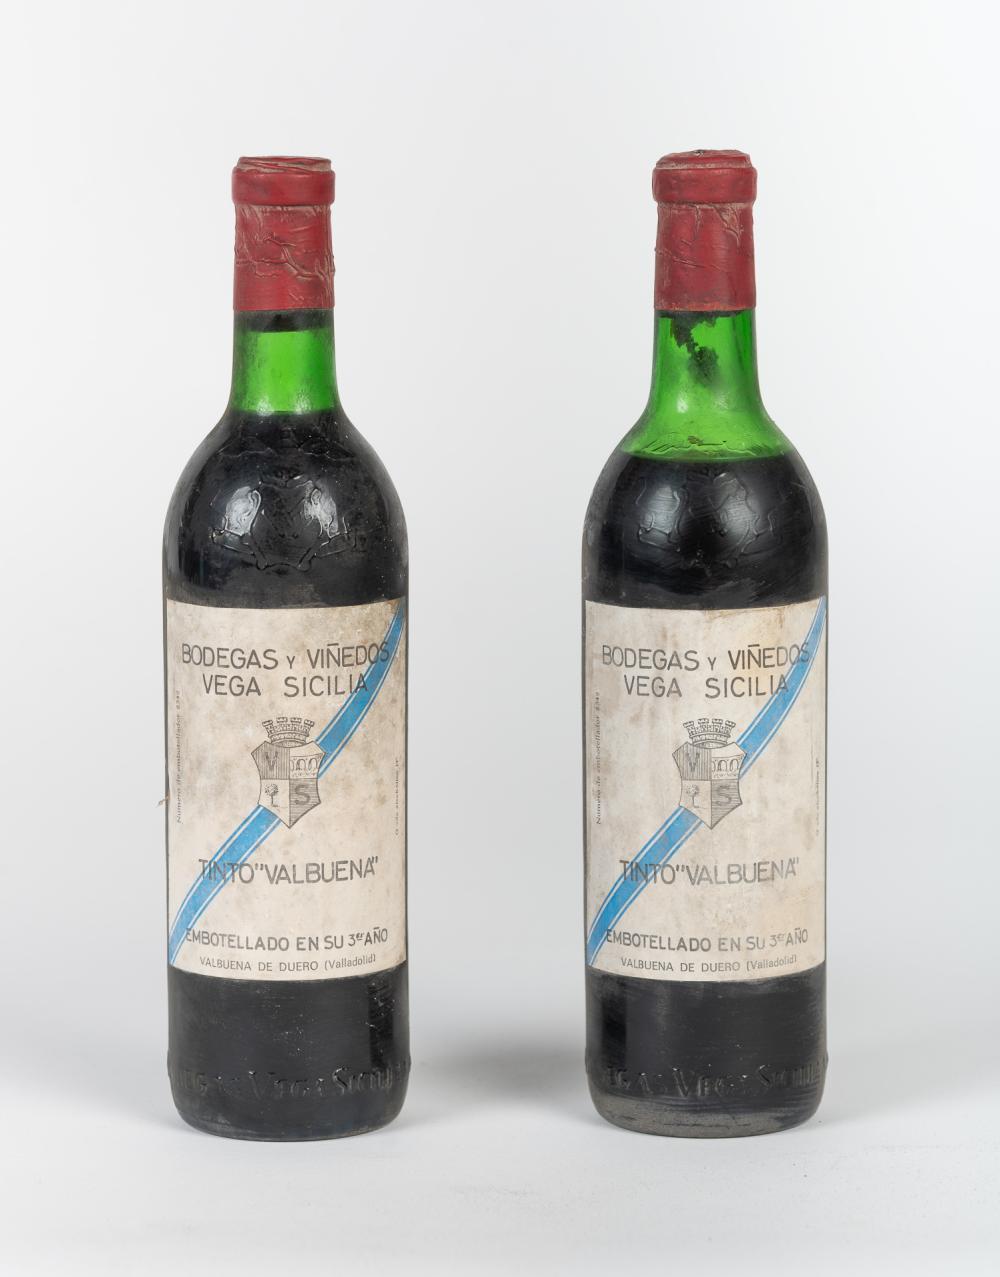 """Lote compuesto por dos botellas Vega Sicilia, Tinto """"Valbuena"""", 3º año."""